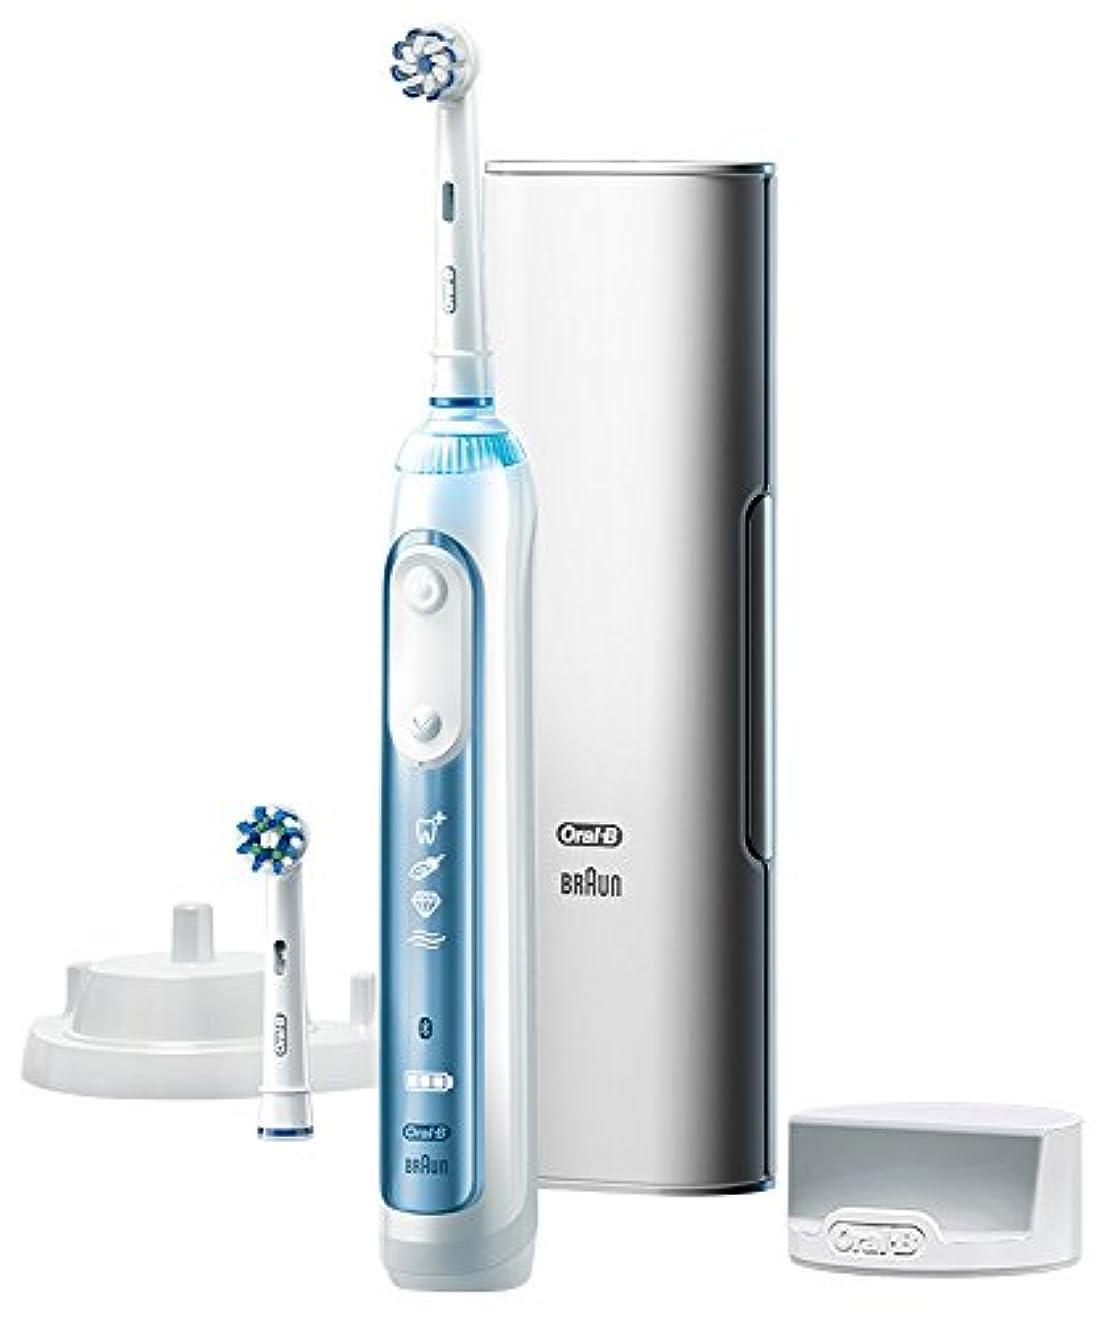 不安こする反発するブラウン オーラルB 電動歯ブラシ スマート7000 D7005245XP D7005245XP